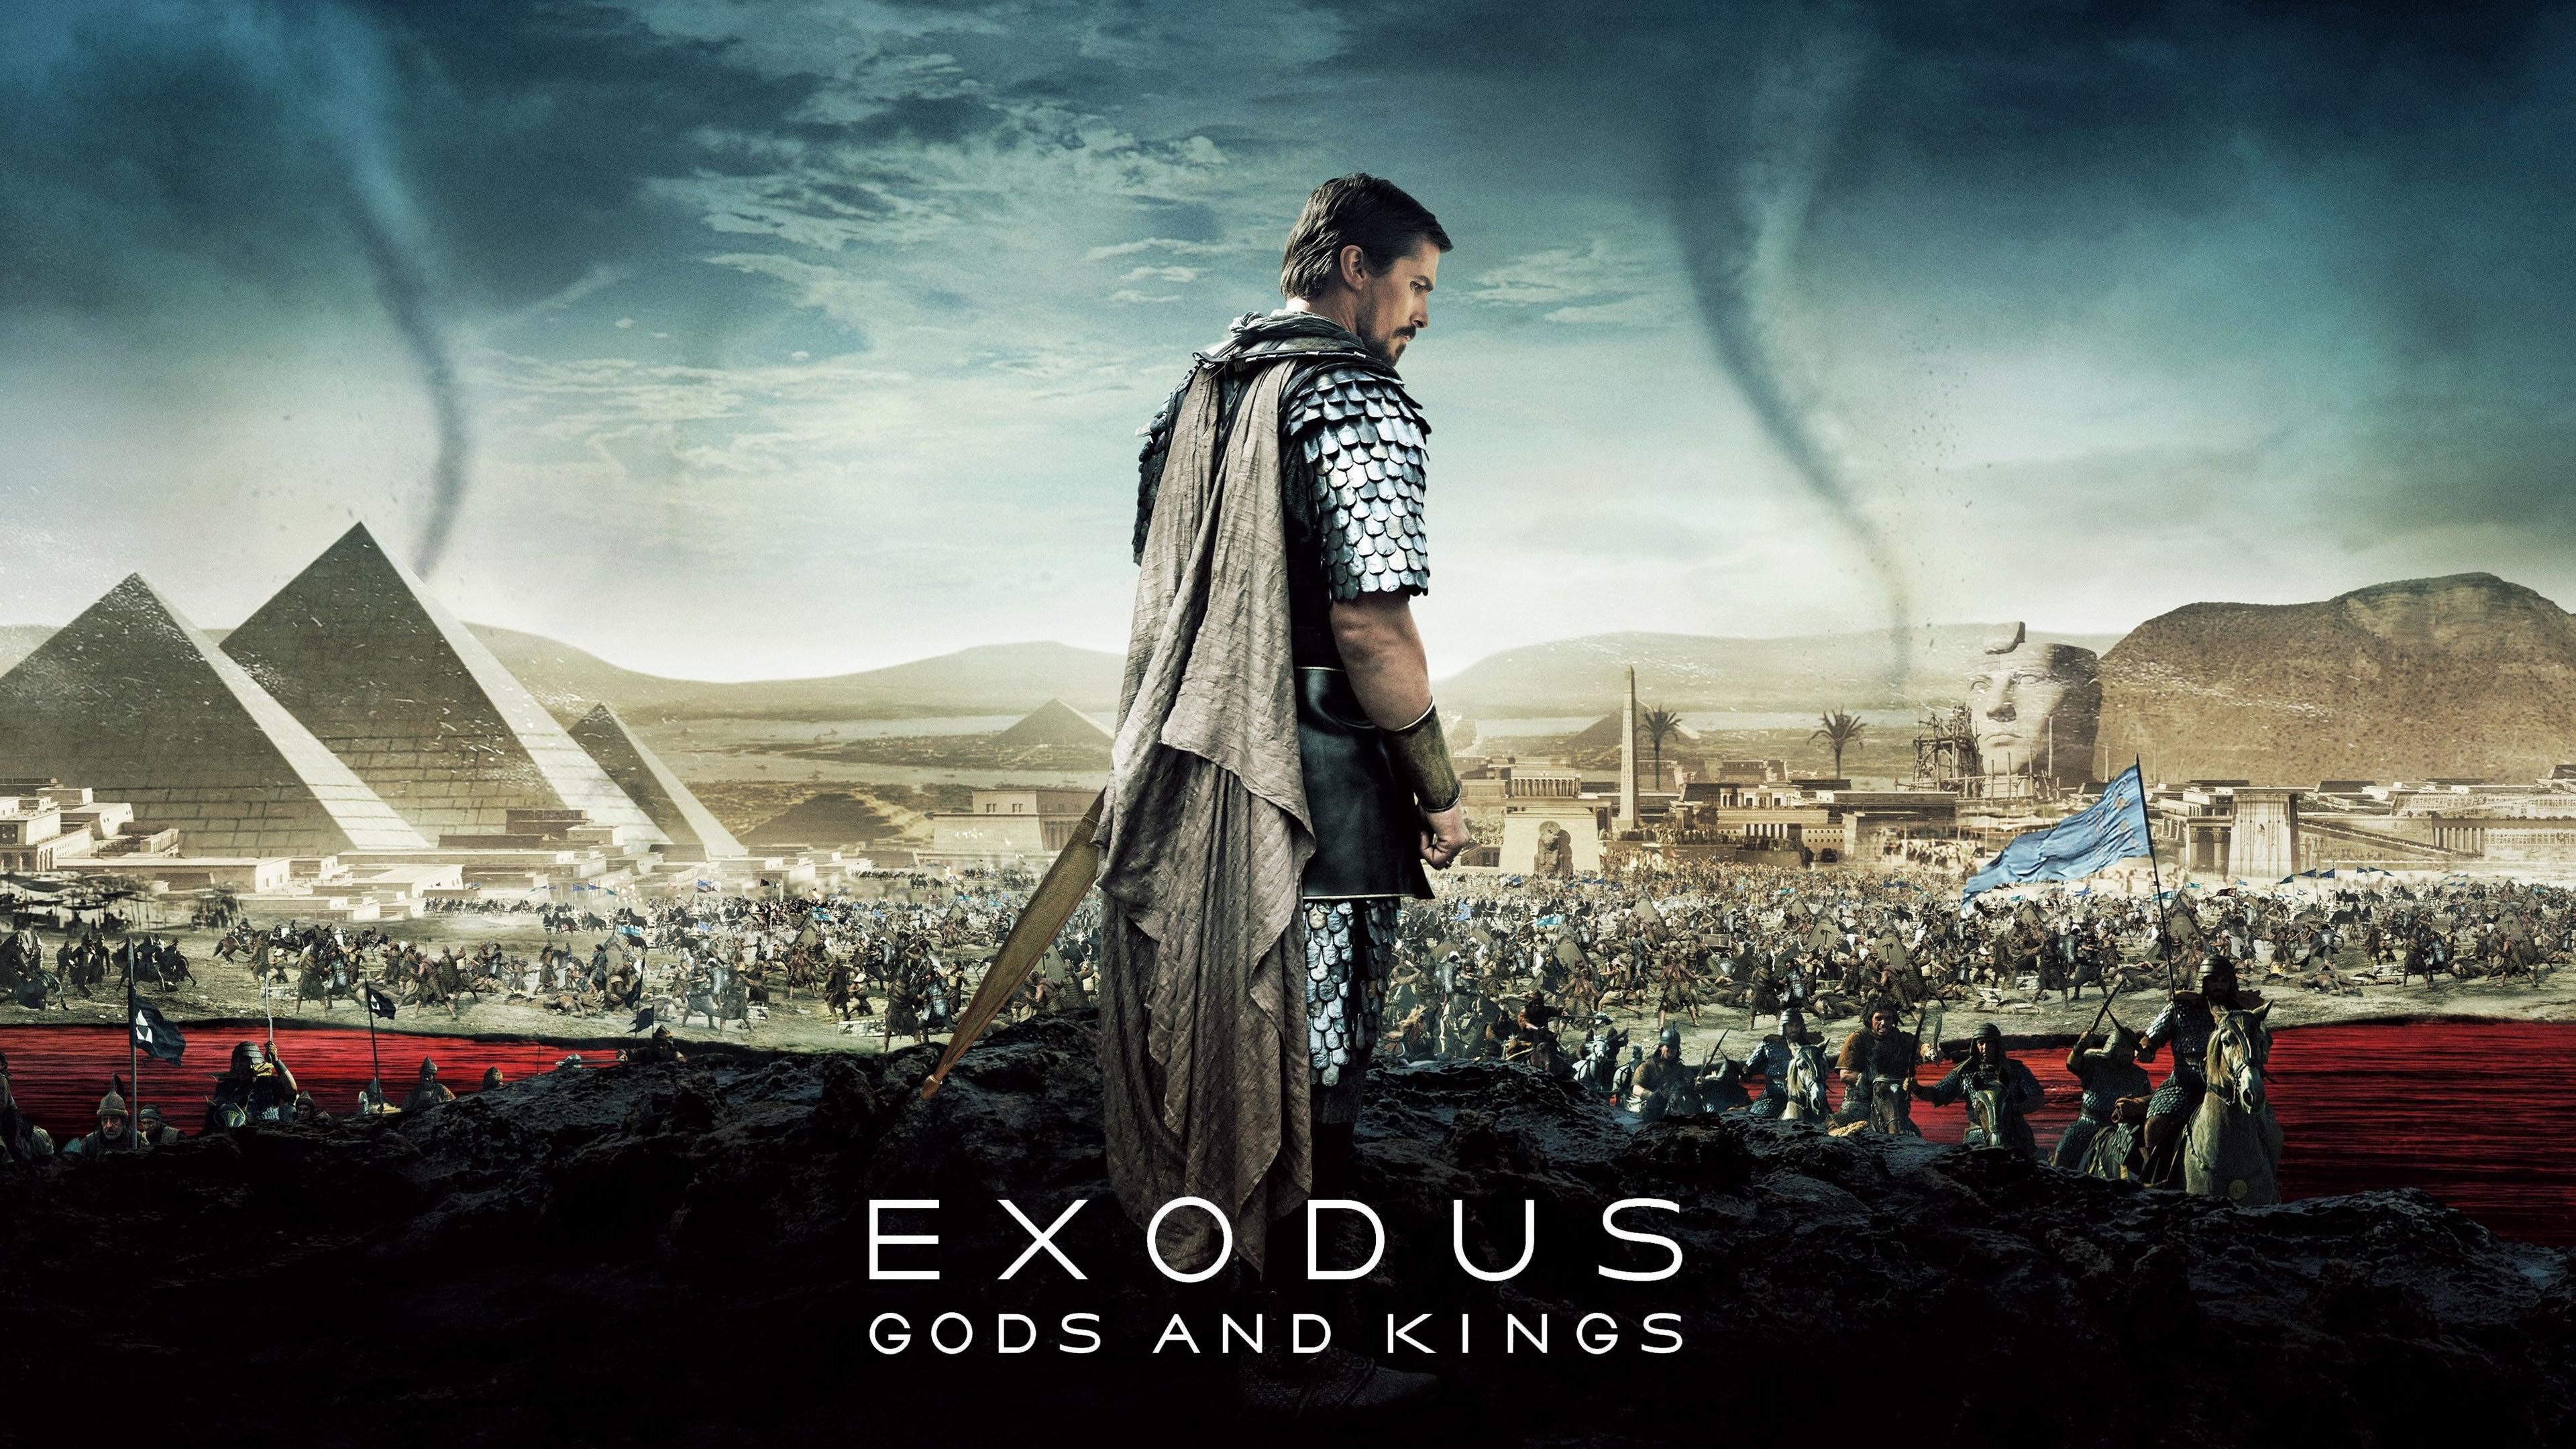 exodusjk1